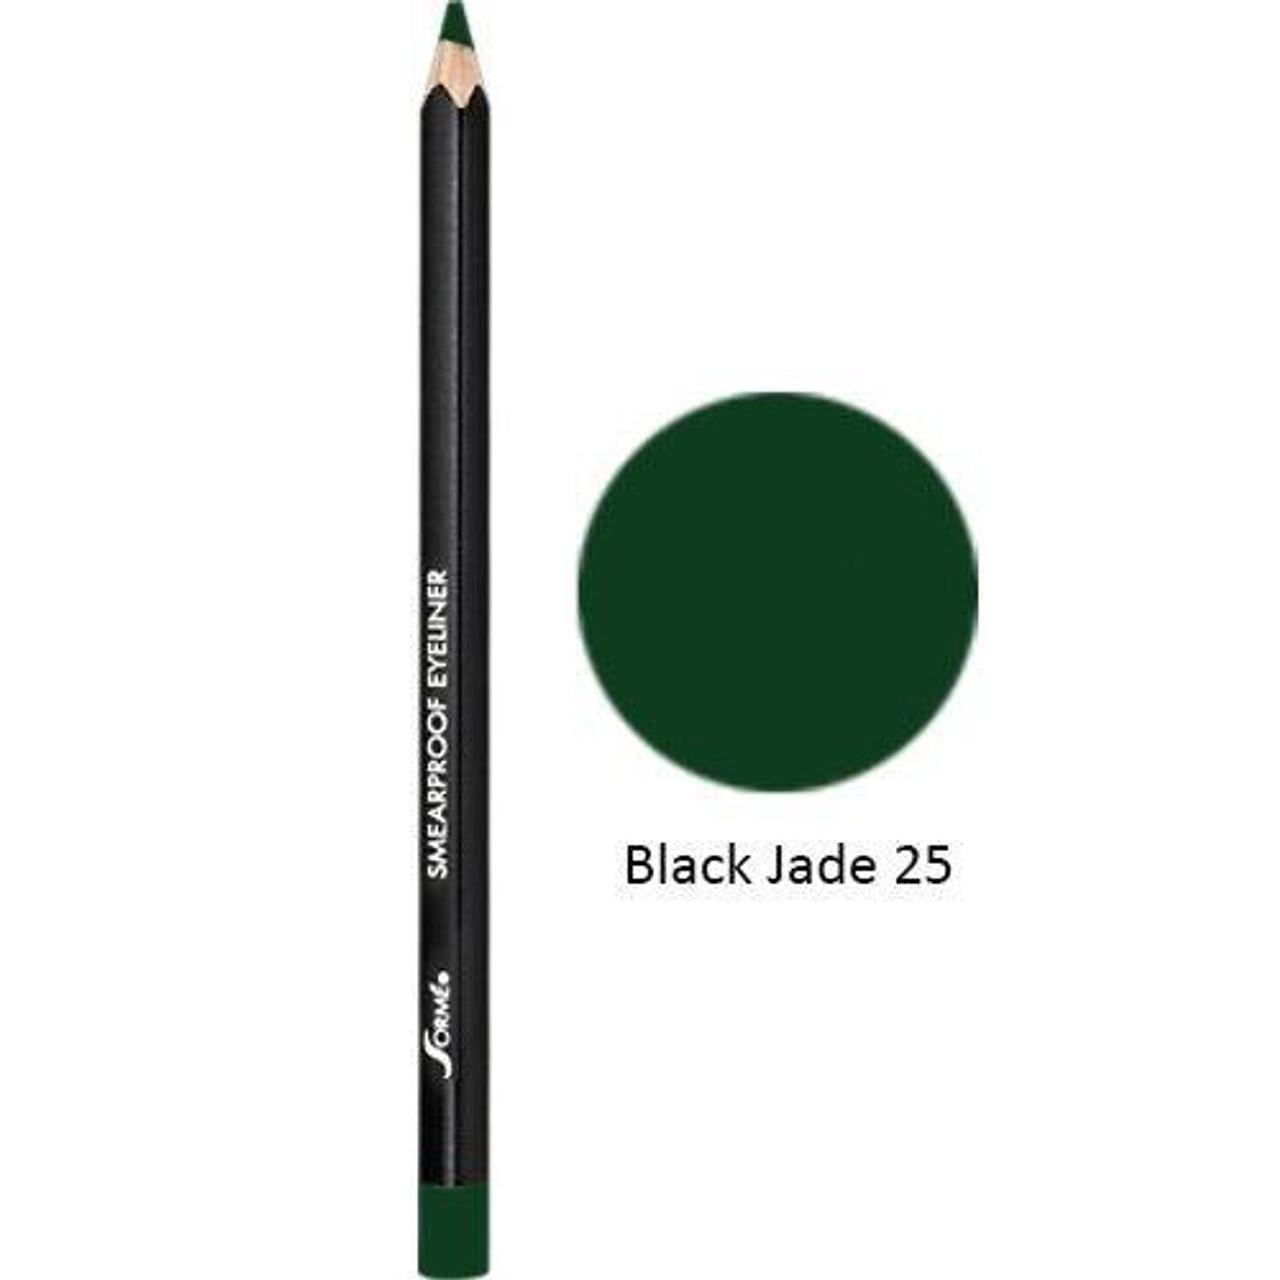 Black Jade Eyeliner